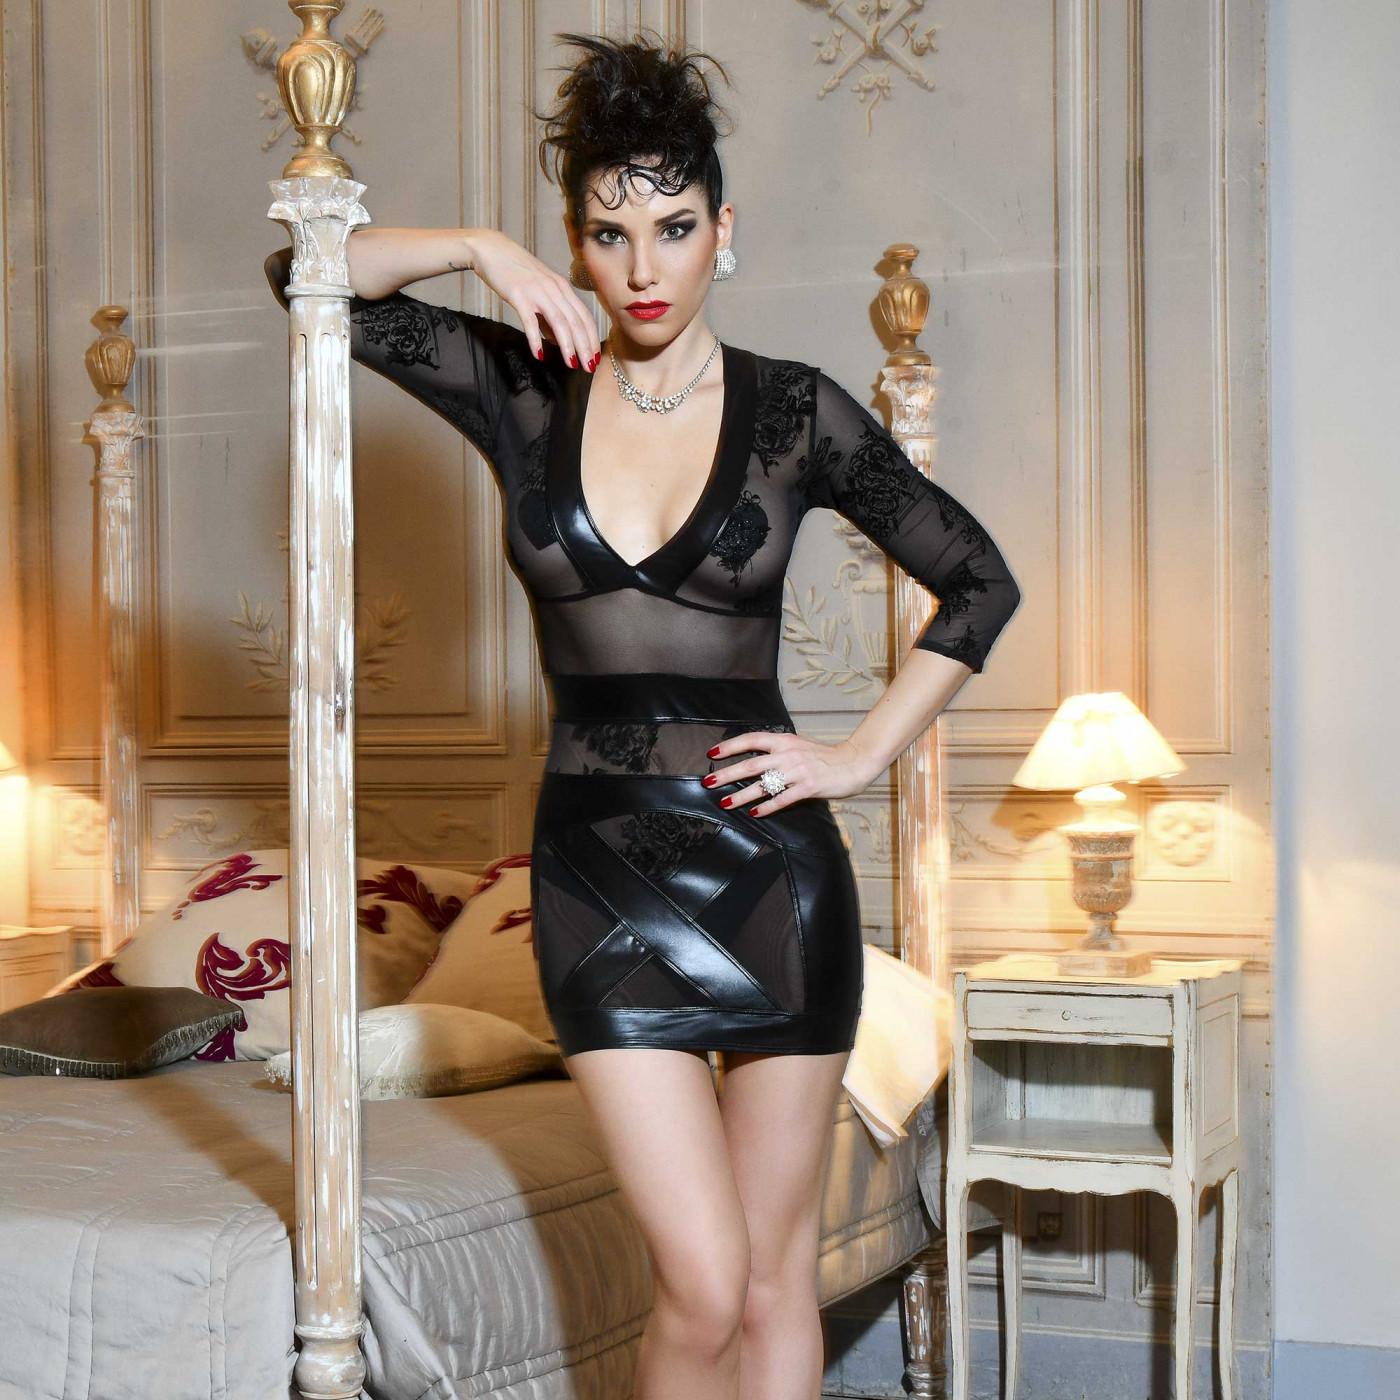 Evelina, robe fétiche en dentelle - Patrice Catanzaro